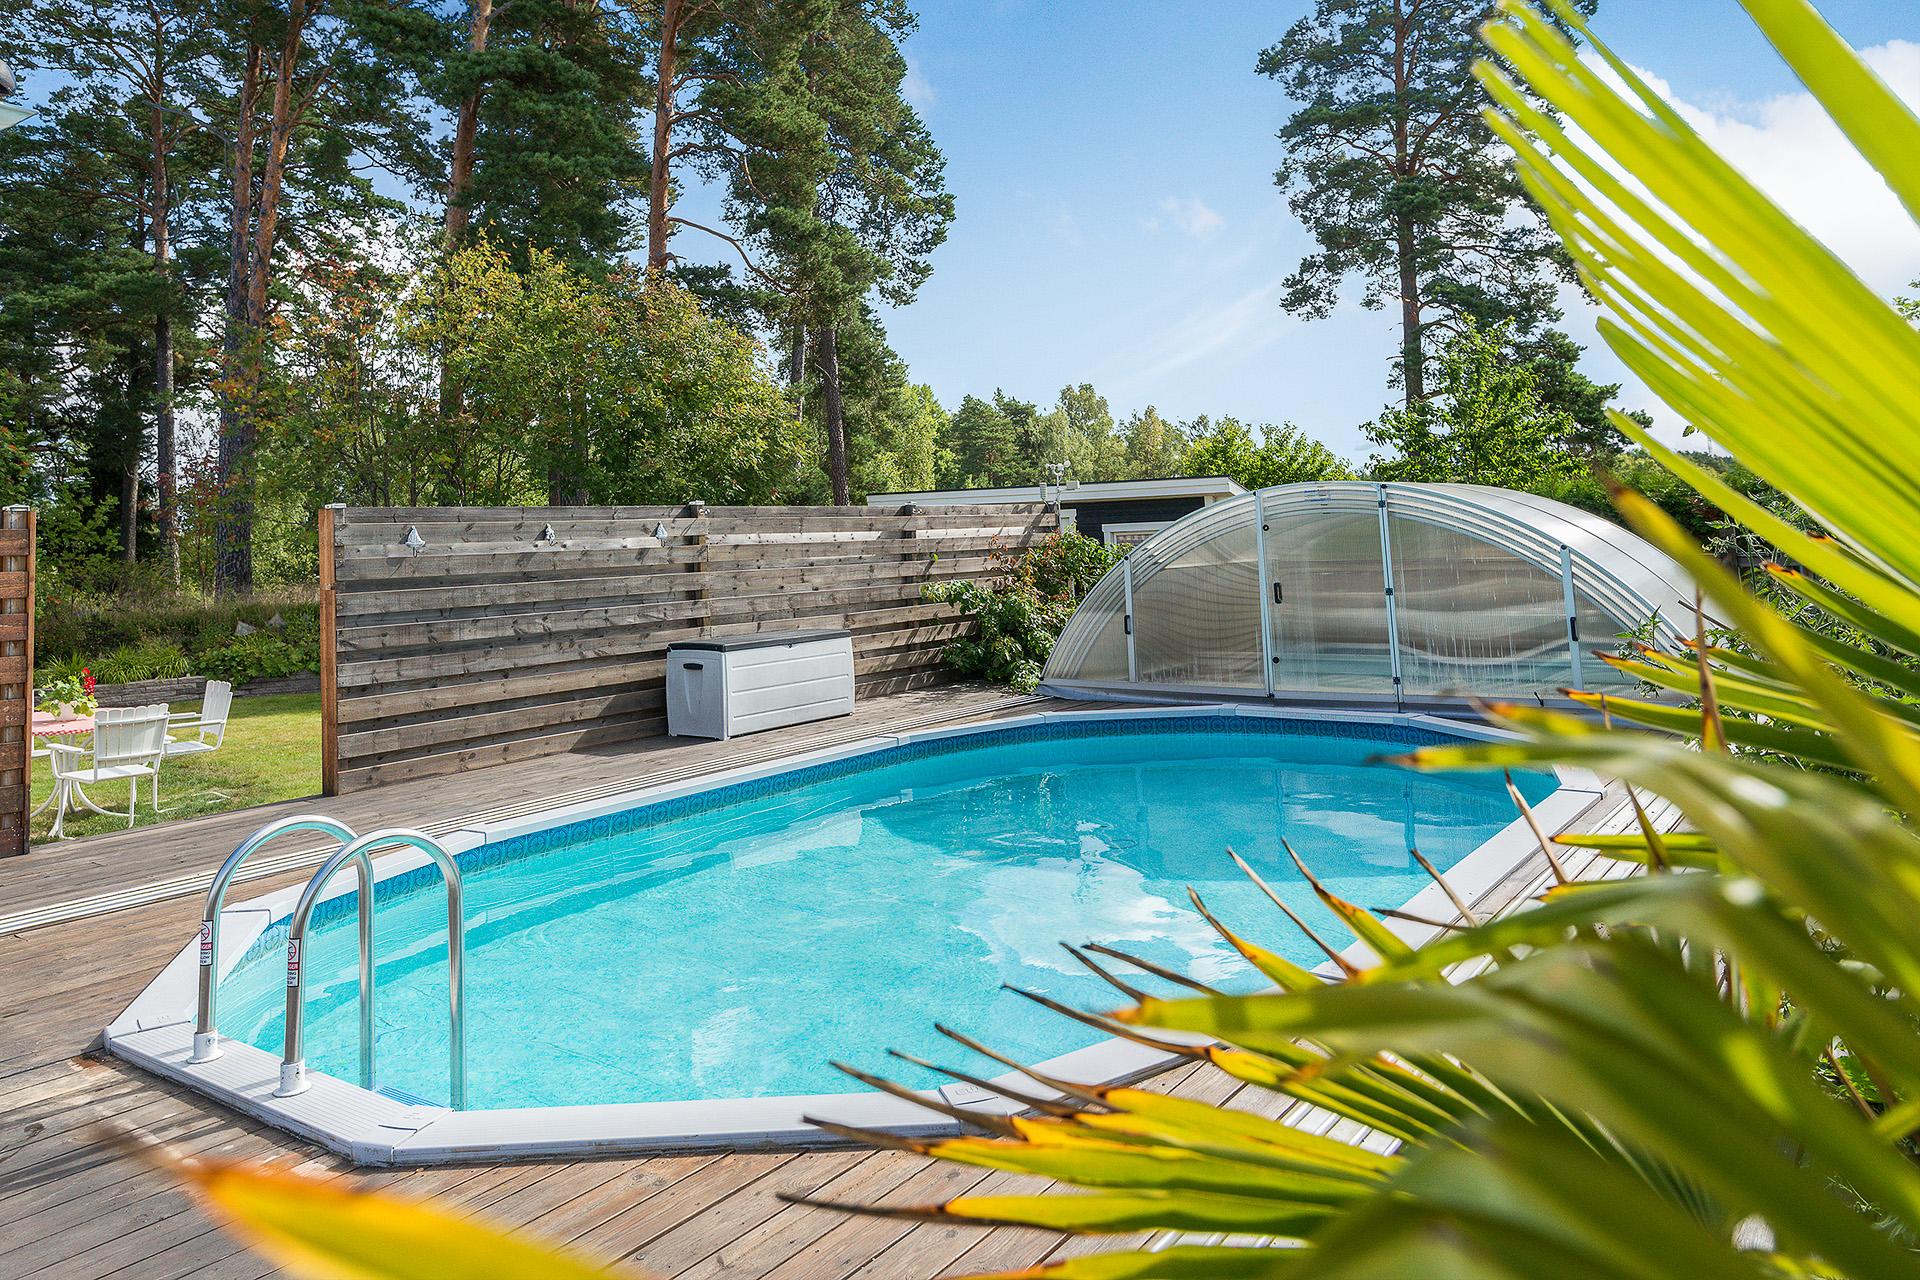 Mysigt poolområde